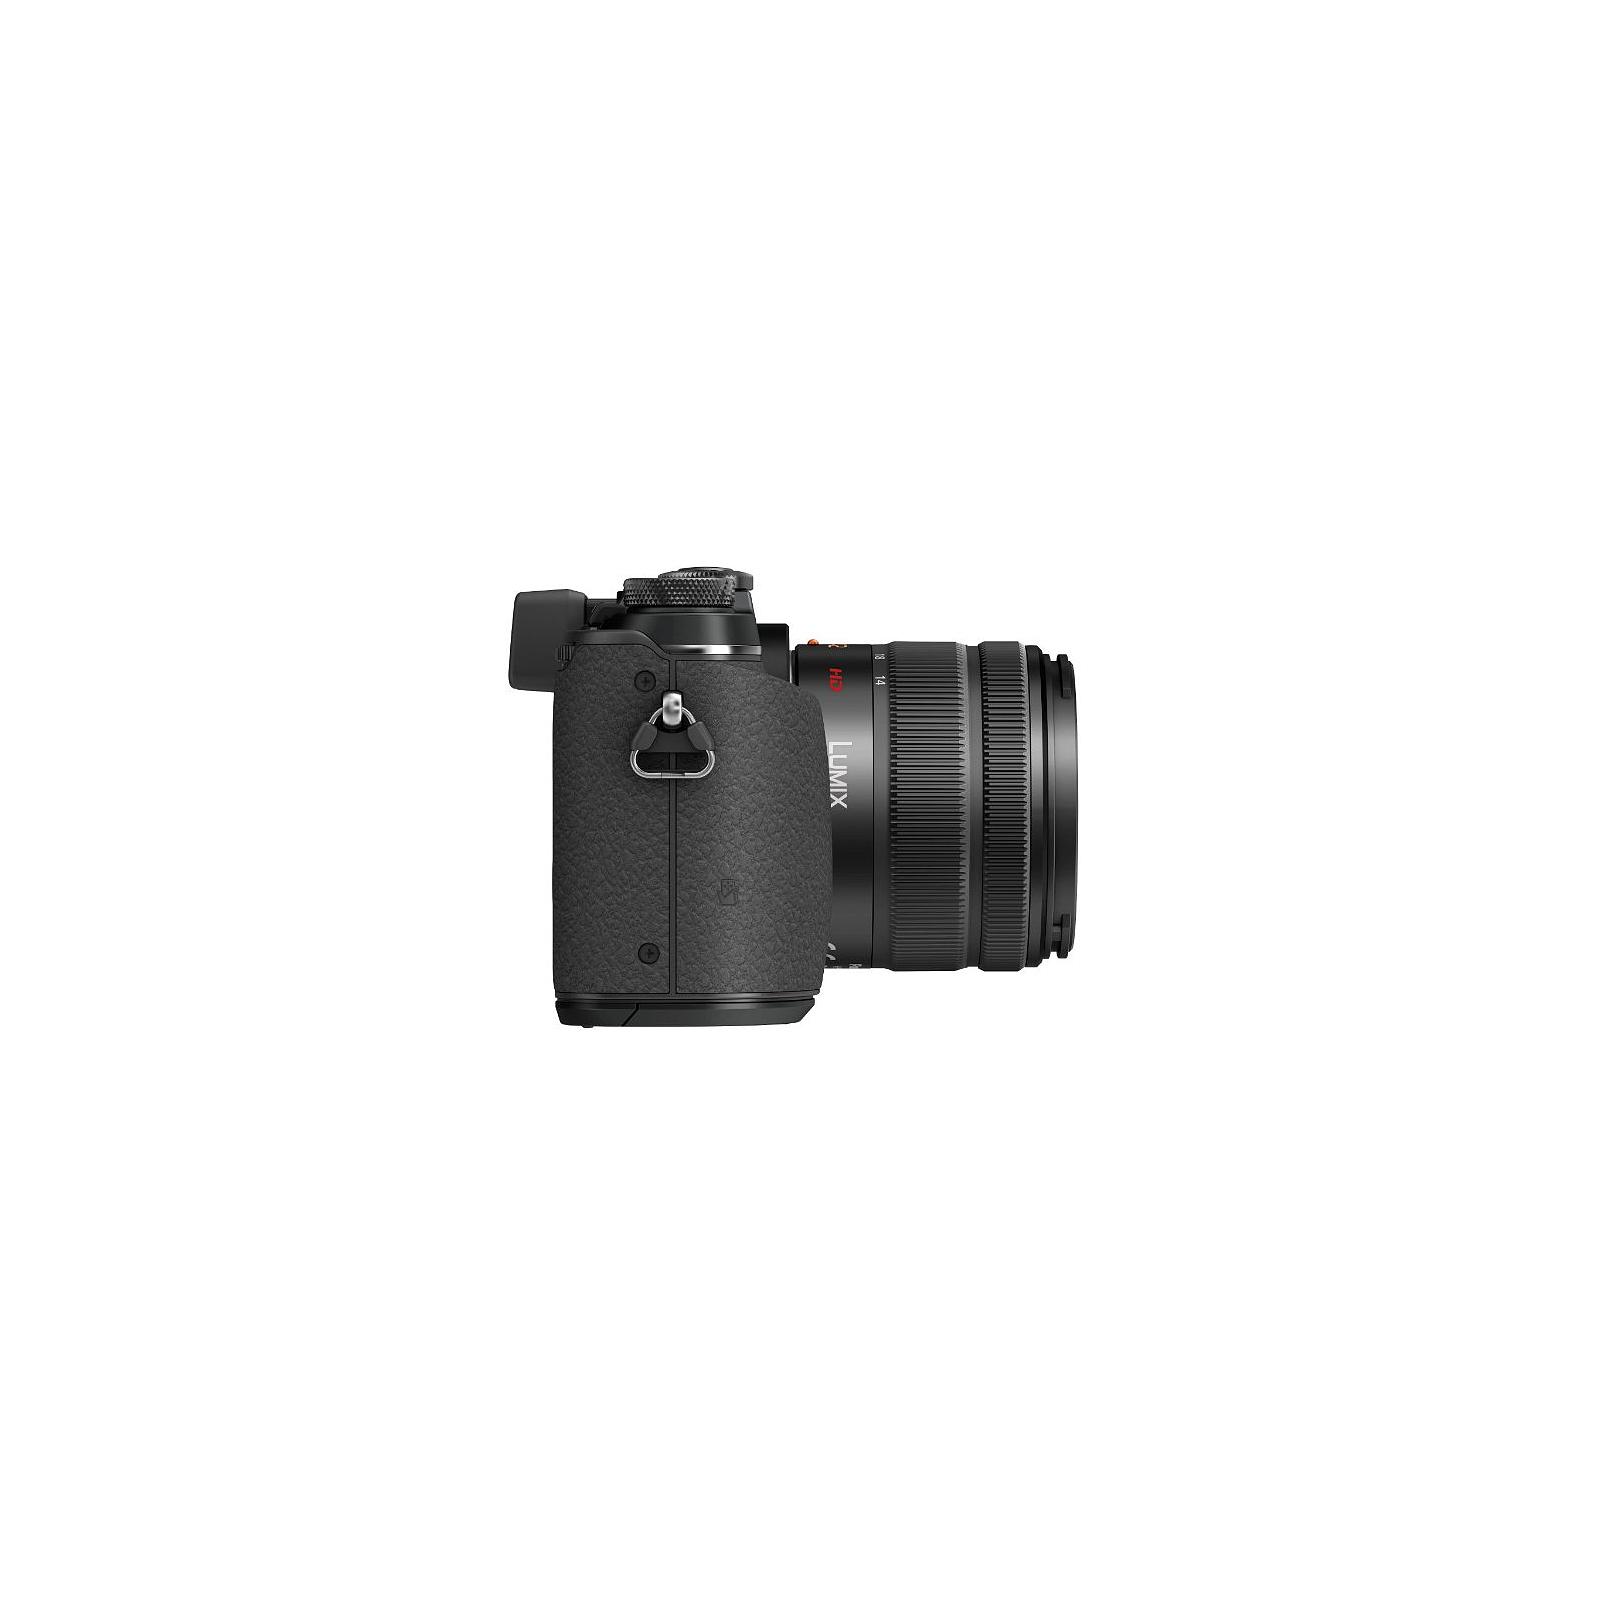 Цифровой фотоаппарат PANASONIC DMC-GX7 Kit 14-42mm black (DMC-GX7KEE-K) изображение 4